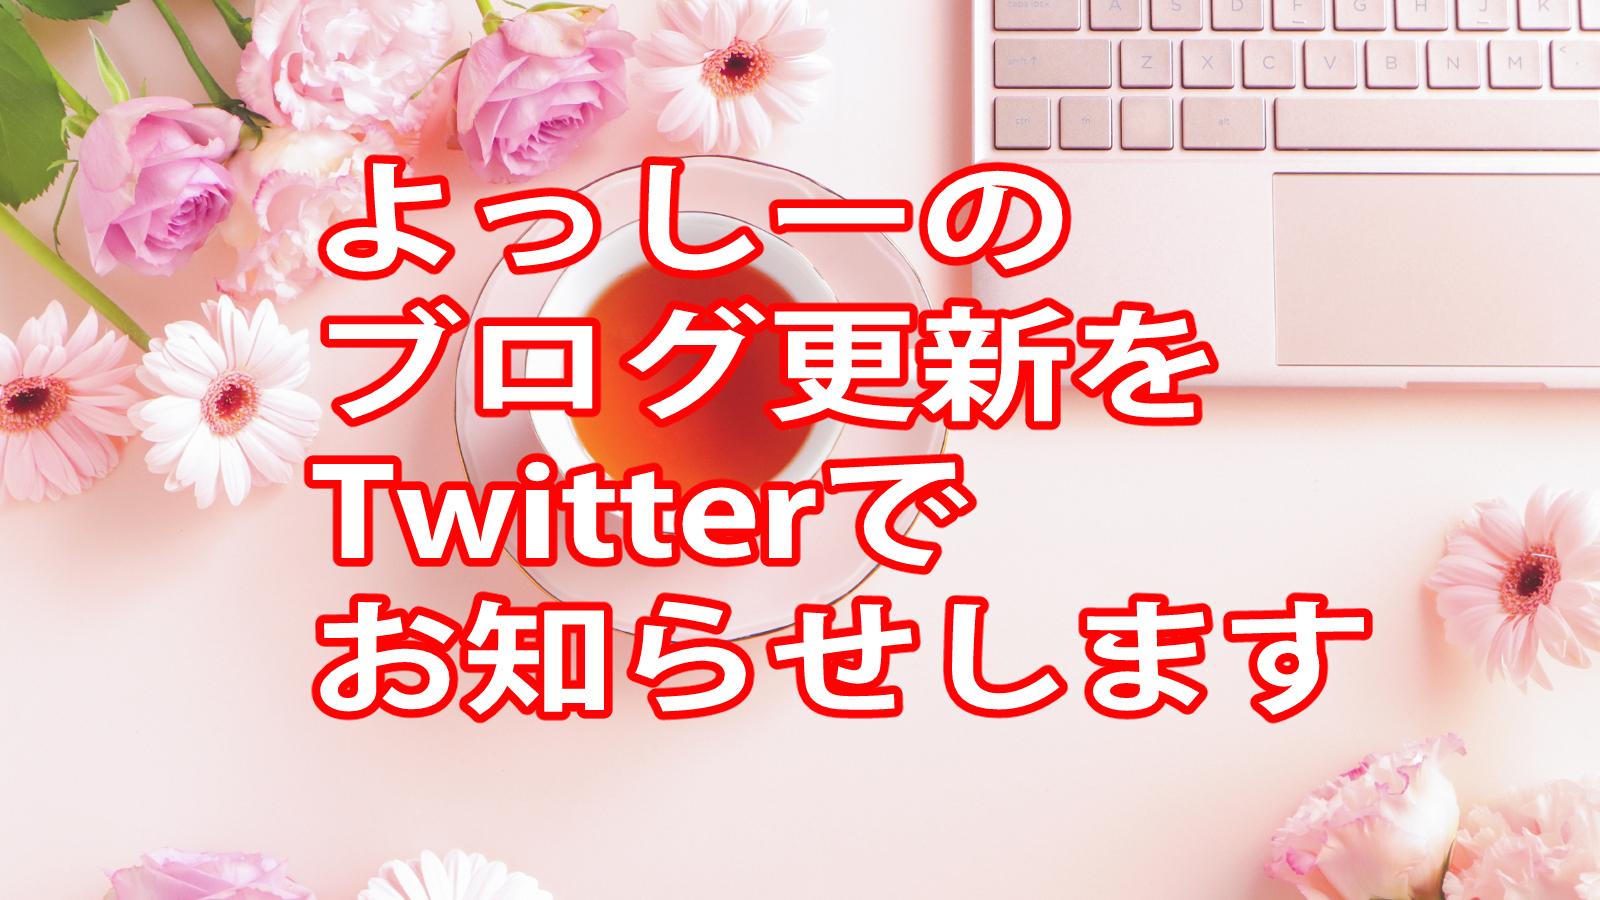 よっしーのブログ更新をTwitterでお知らせします。